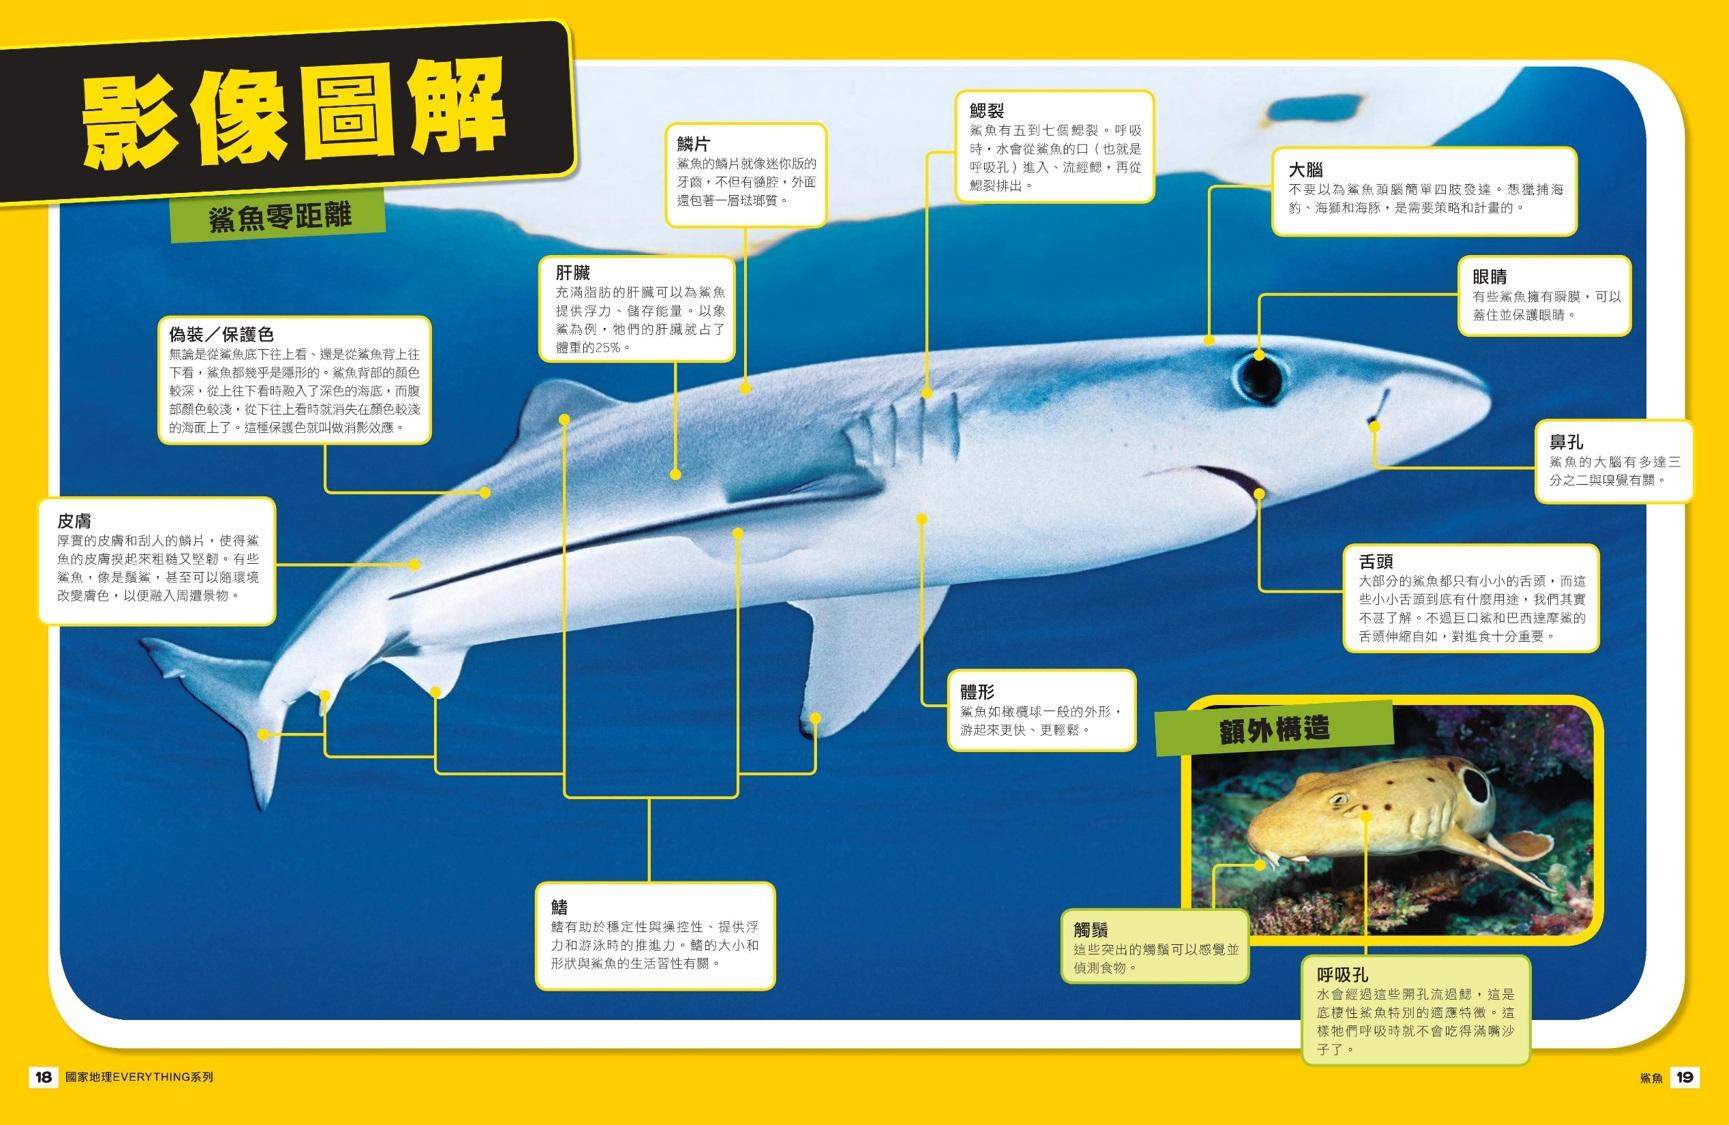 圖片出自《國家地理兒童百科 - 鯊魚》